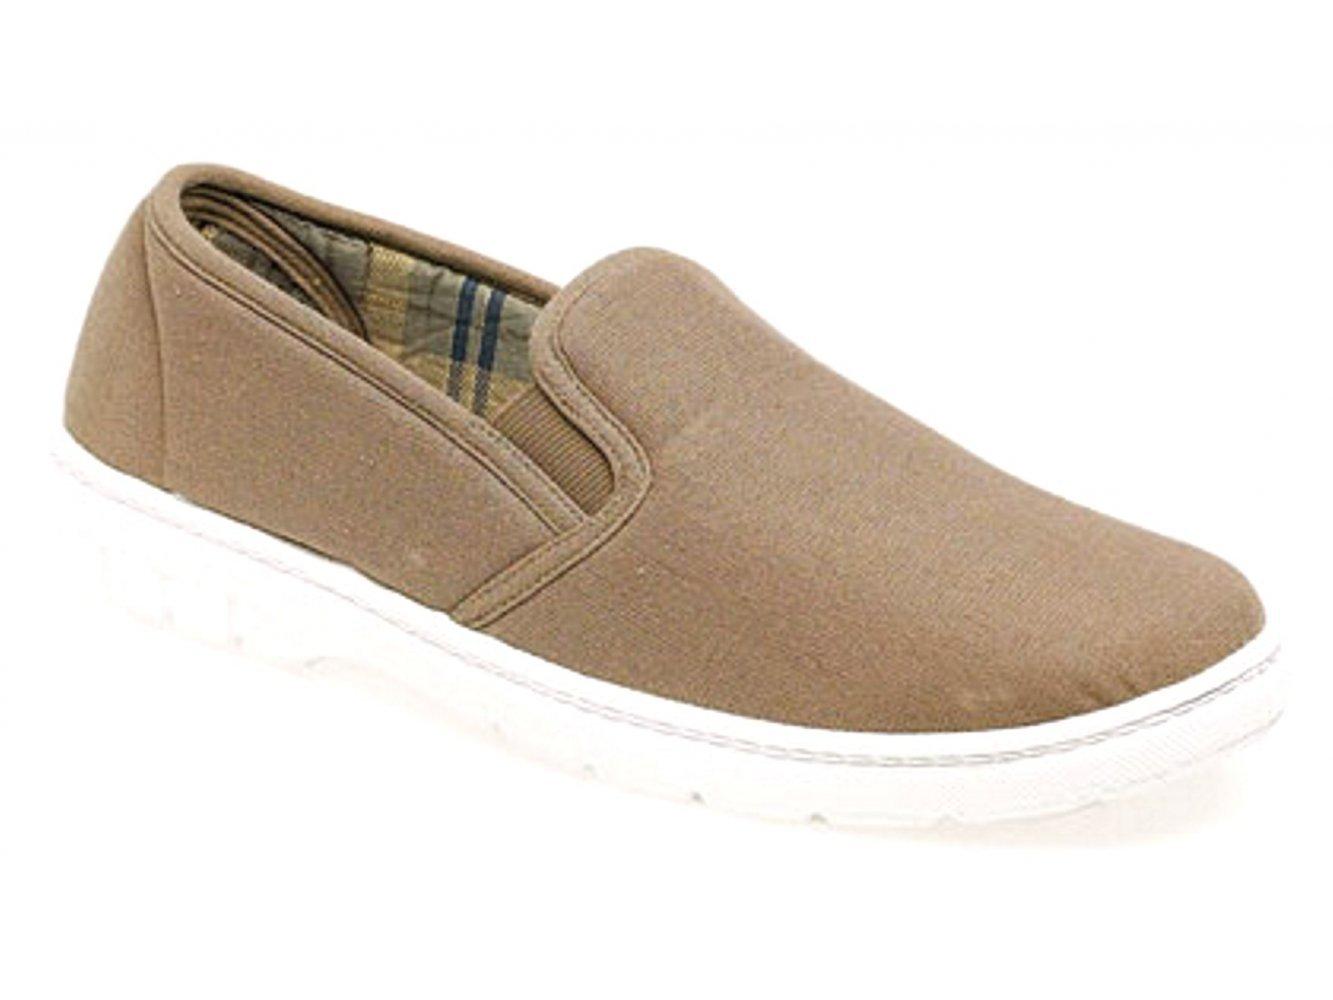 Bombas De Verano Hombres Zapatos de Lona de Verano S Chicos. los escudetes Elástico. 2 Colores